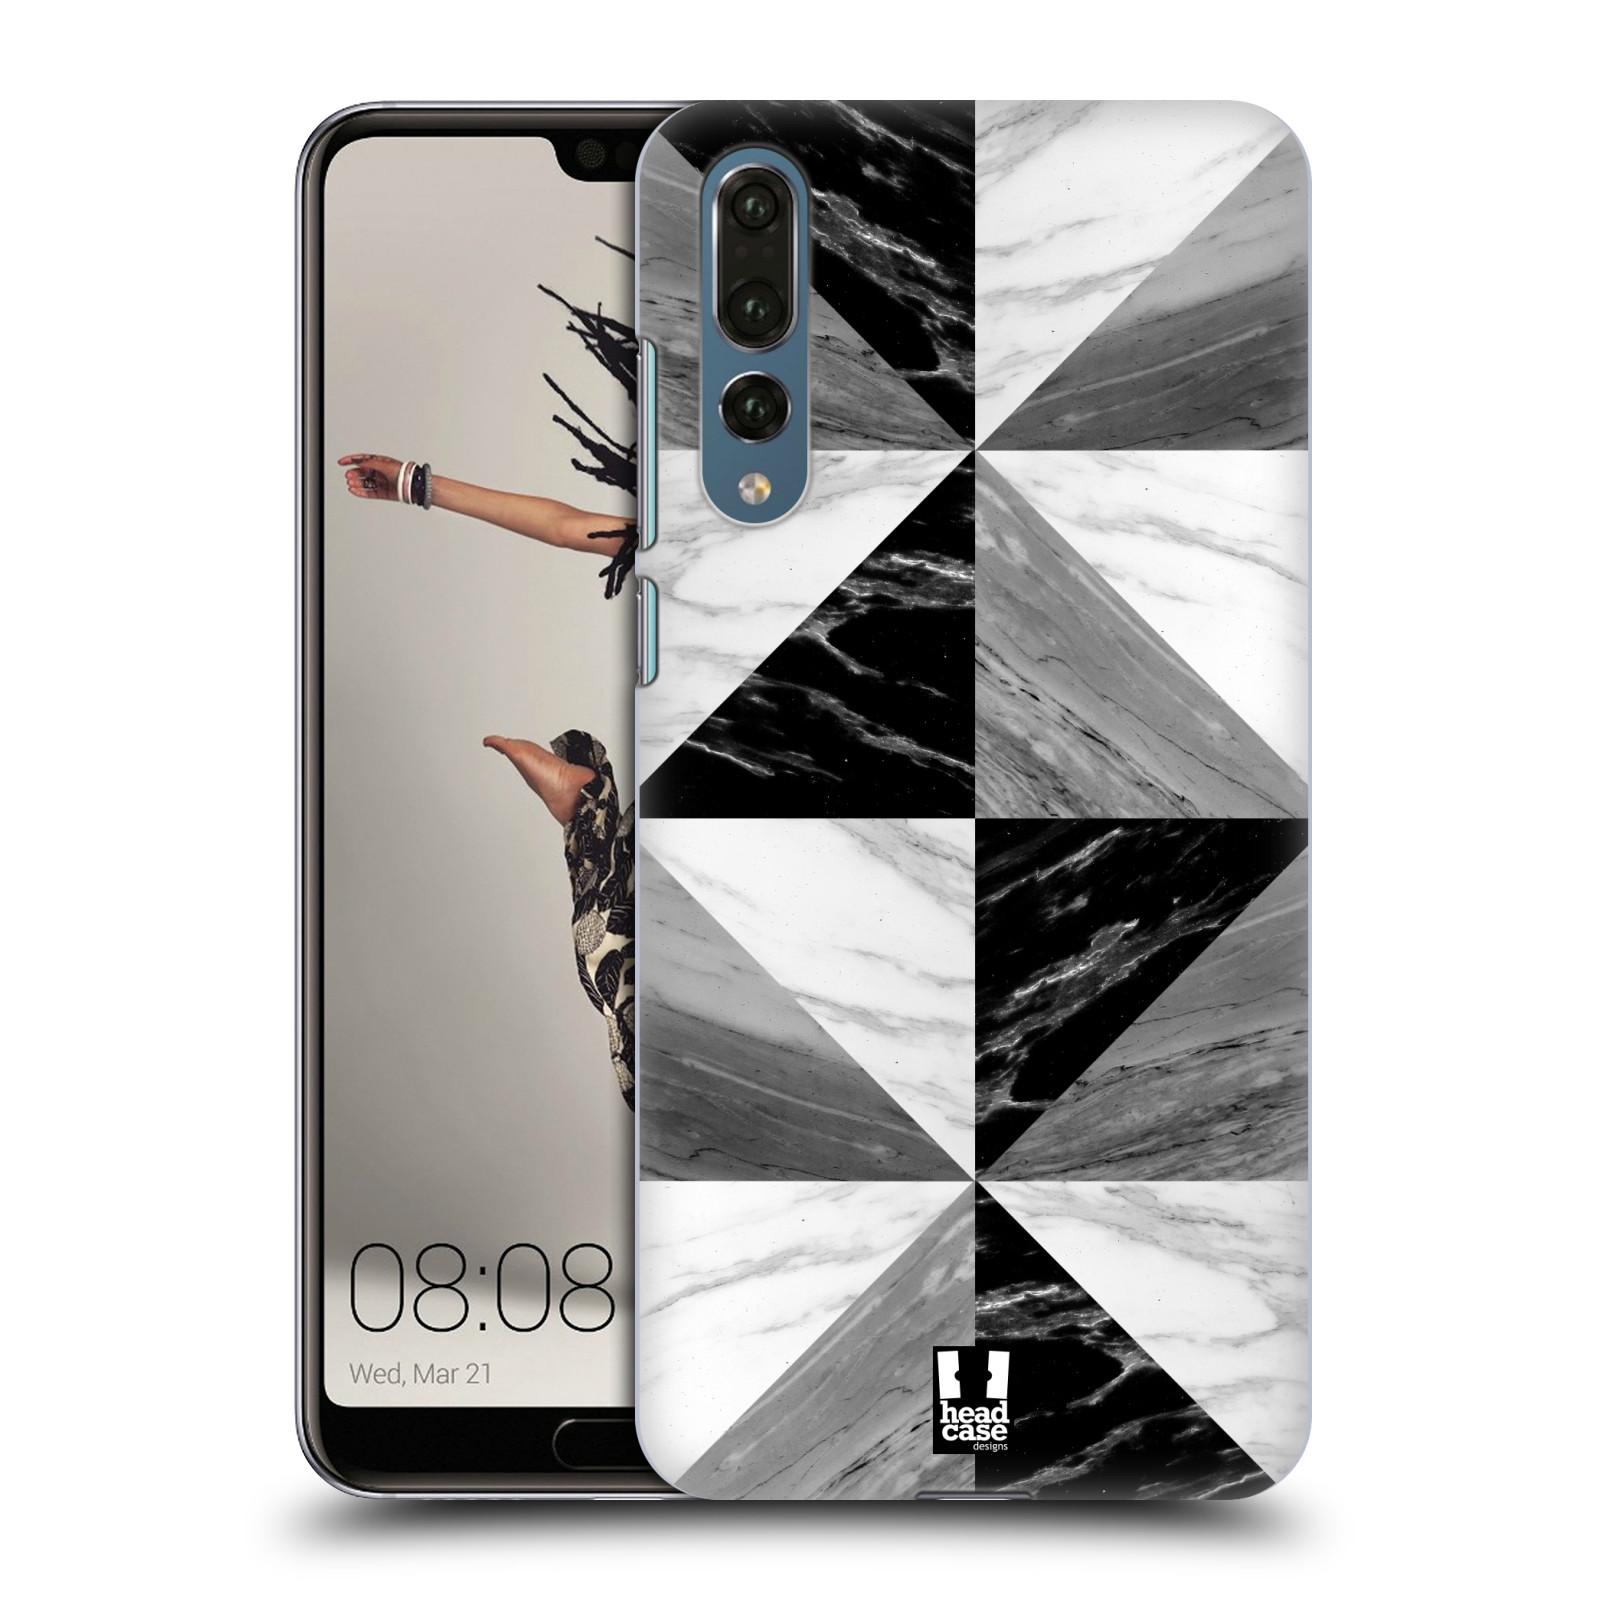 Plastové pouzdro na mobil Huawei P20 Pro - Head Case - Mramor triangl (Plastový kryt či obal na mobilní telefon Huawei P20 Pro Dual Sim s motivem Mramor triangl)